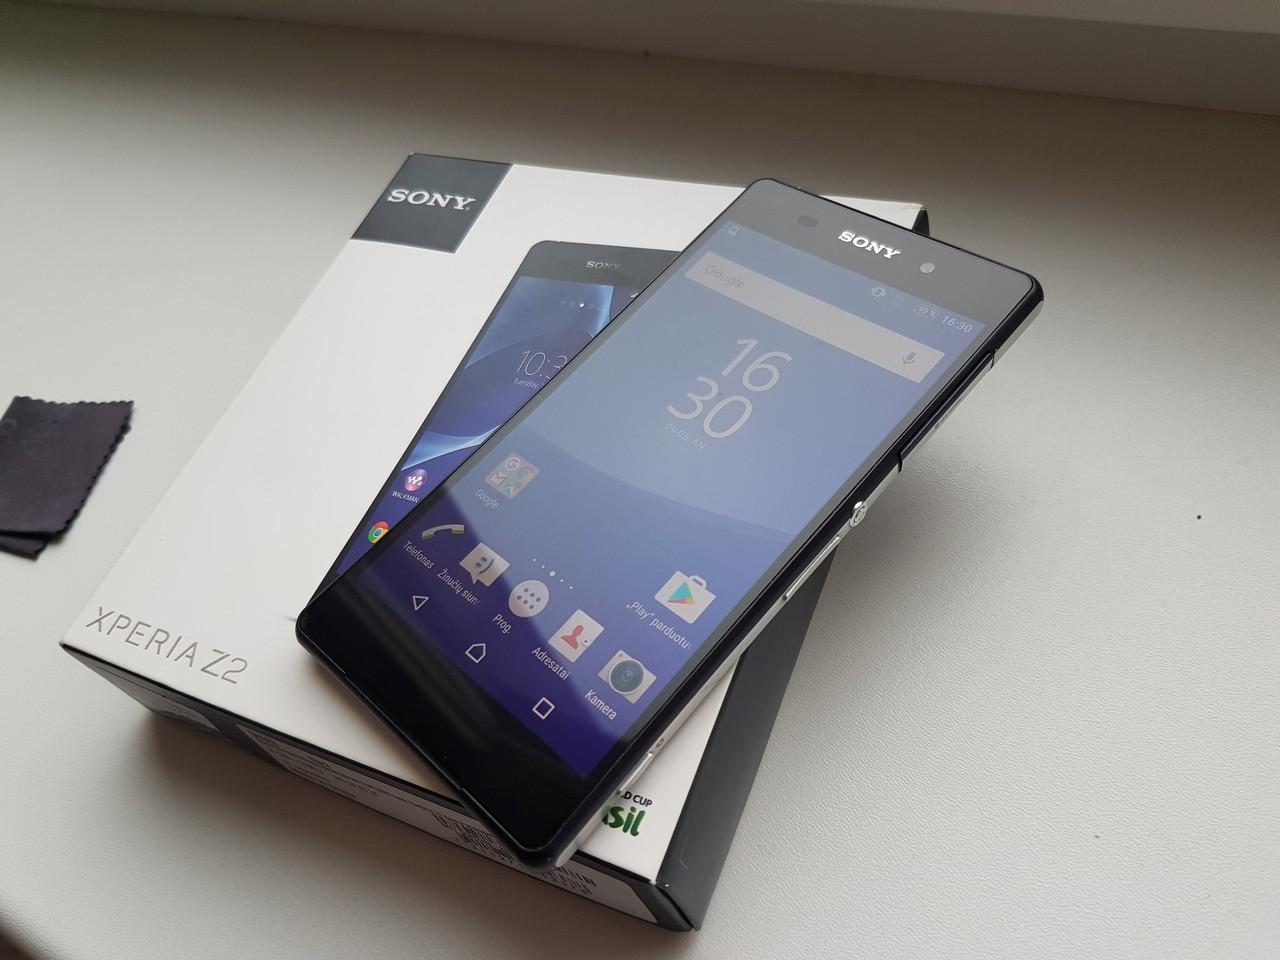 картинка Kaip naujas Sony Xperia Z2 Black от магазина Одежда+